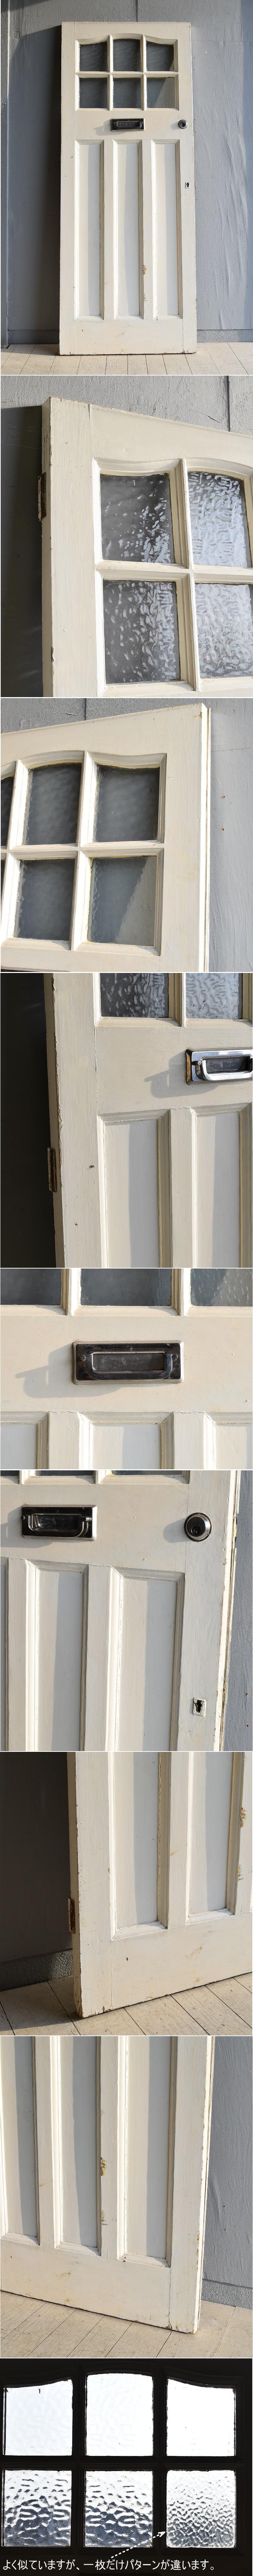 イギリス アンティーク ドア 扉 建具 7920